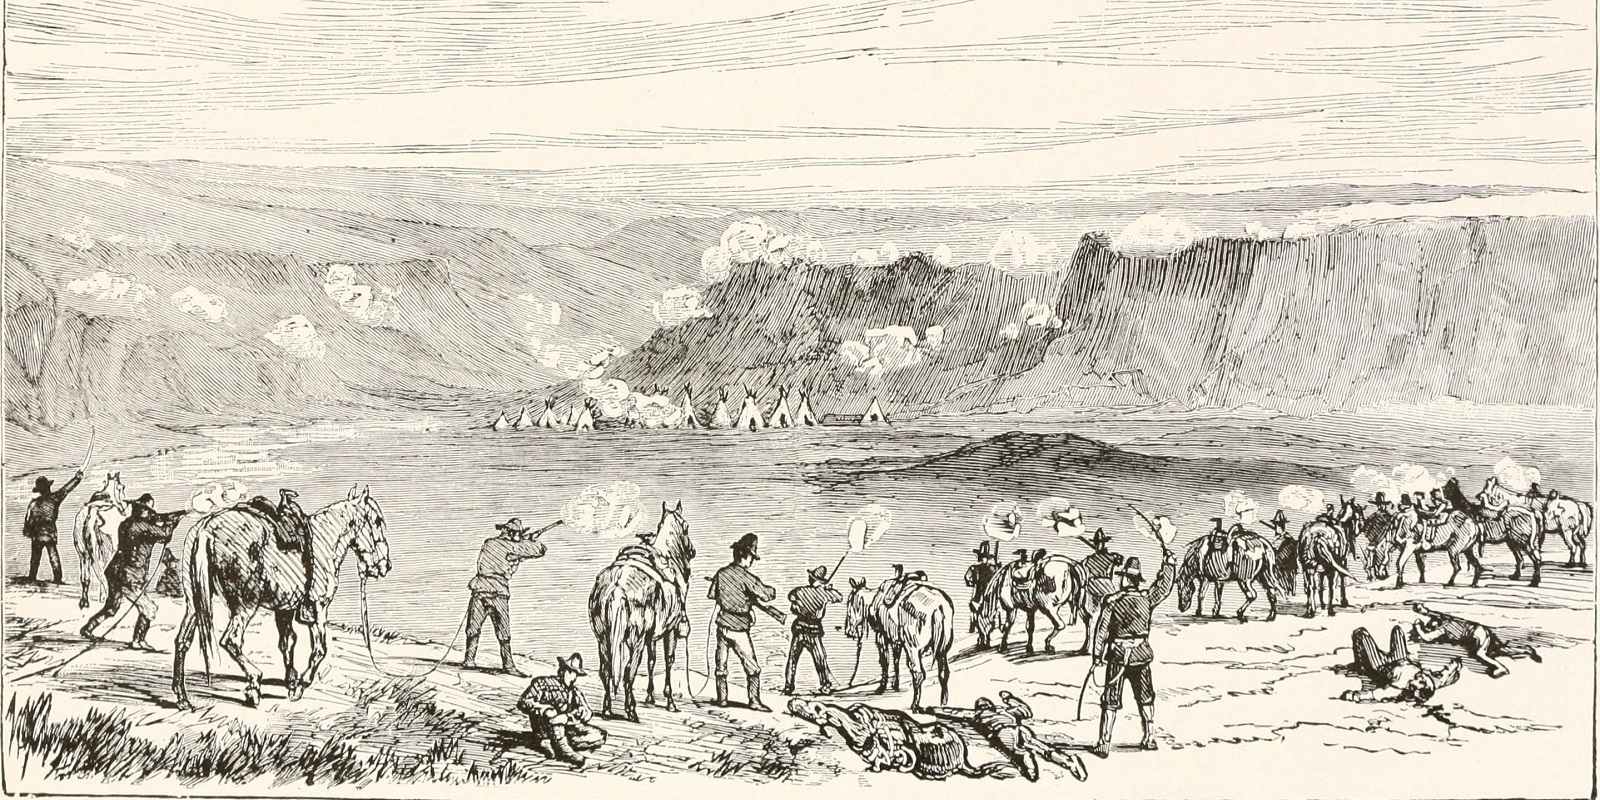 Battaglia nell'Idaho fra indiani e esercito americano